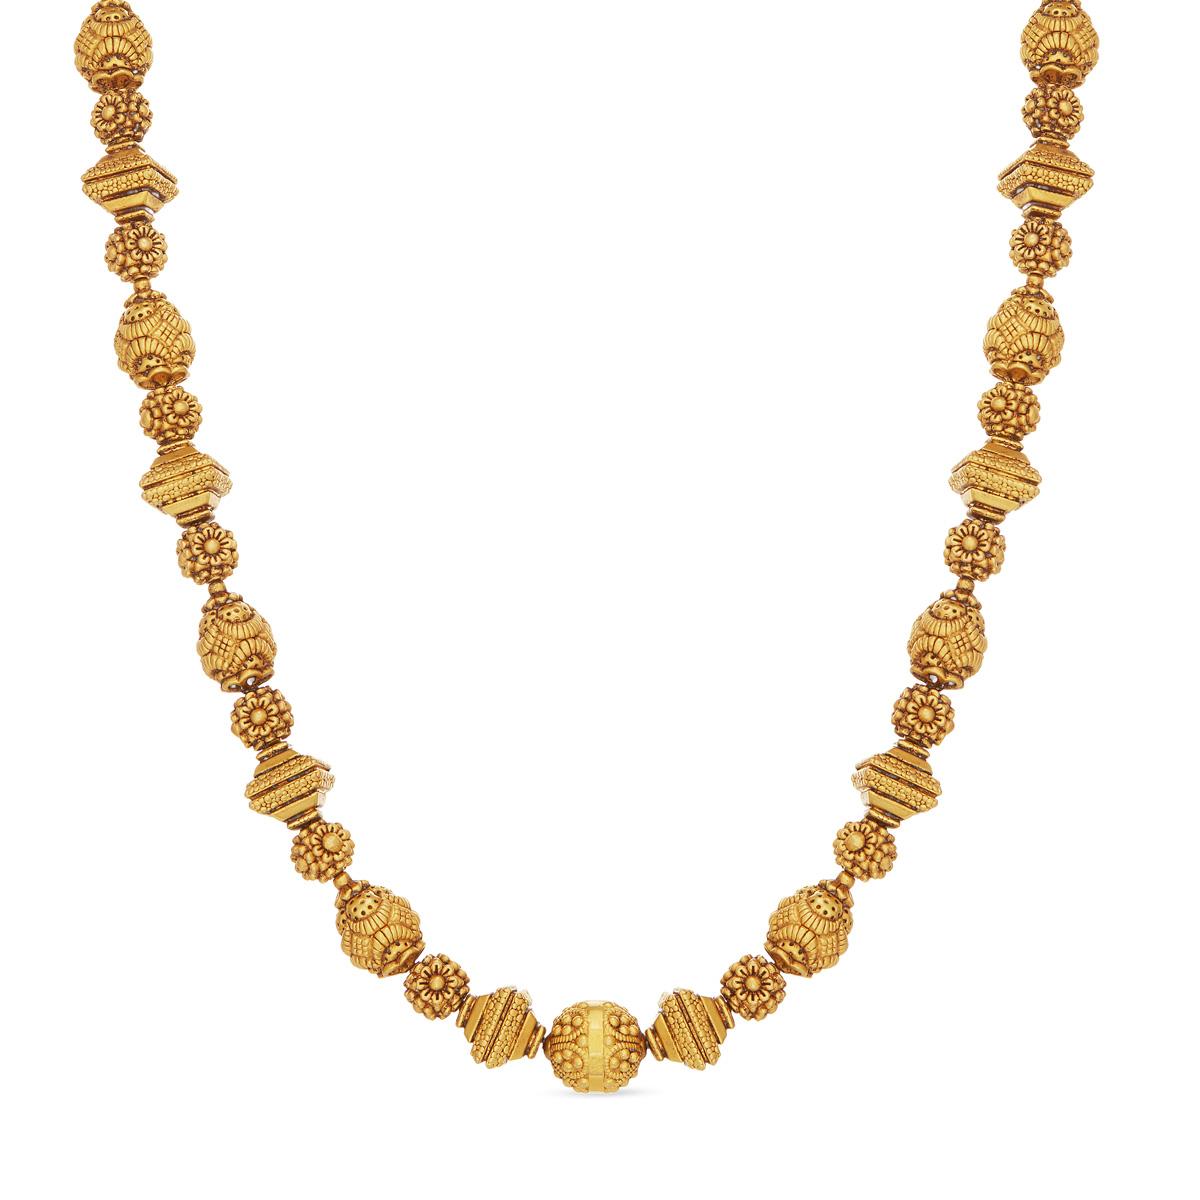 Shivanshika Chain